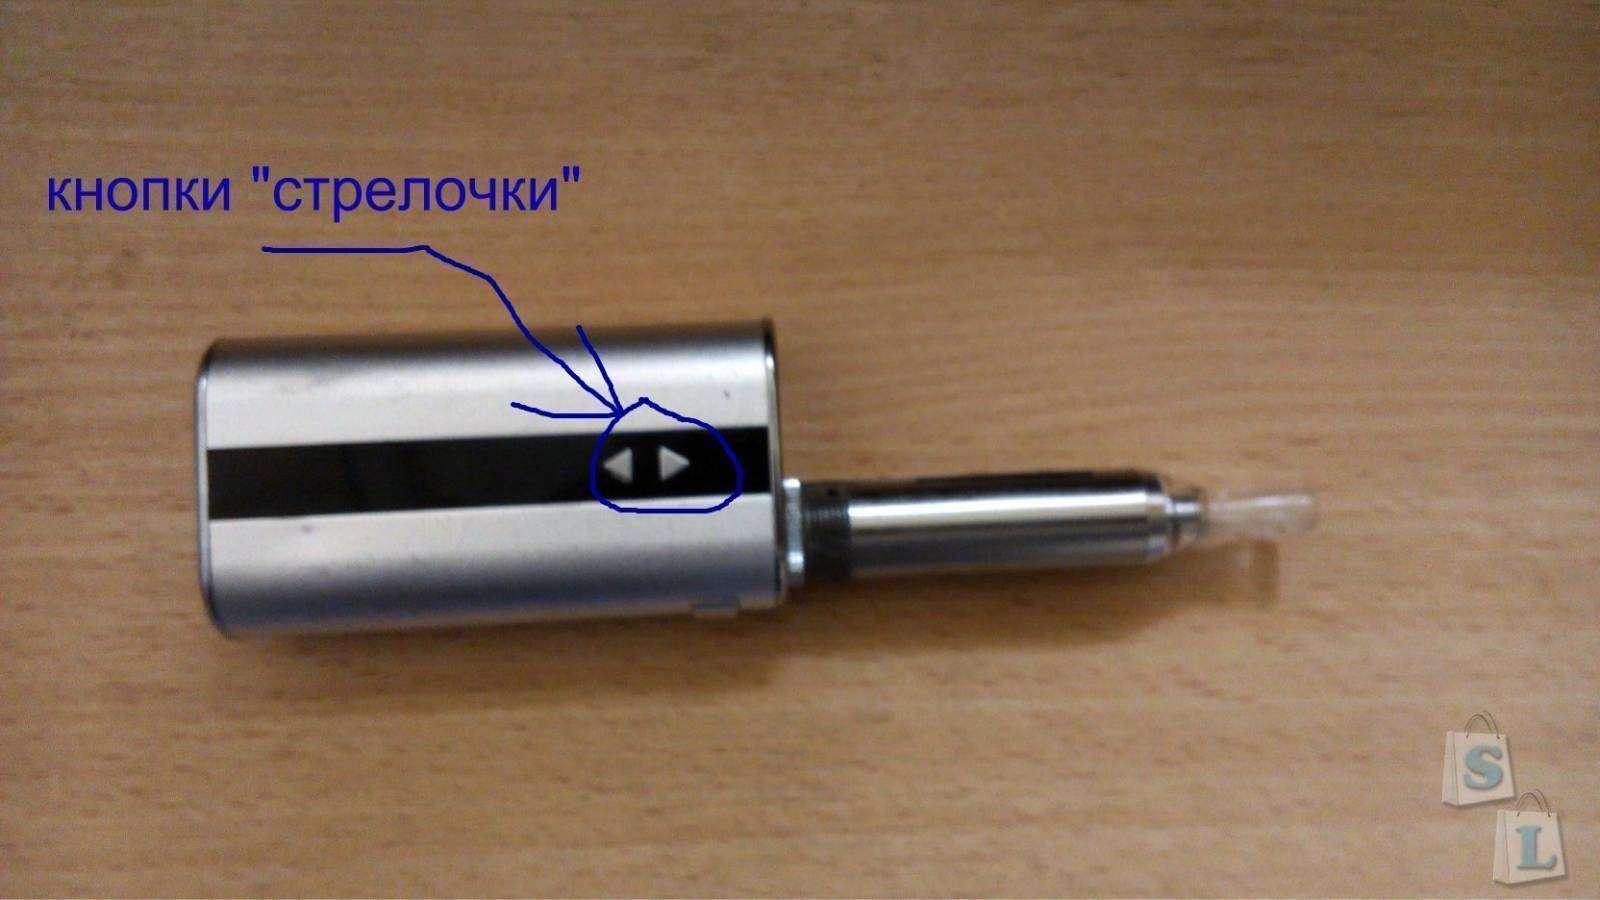 Aliexpress: Istick 50W оригинальный- батарейный блок для электронных сигарет